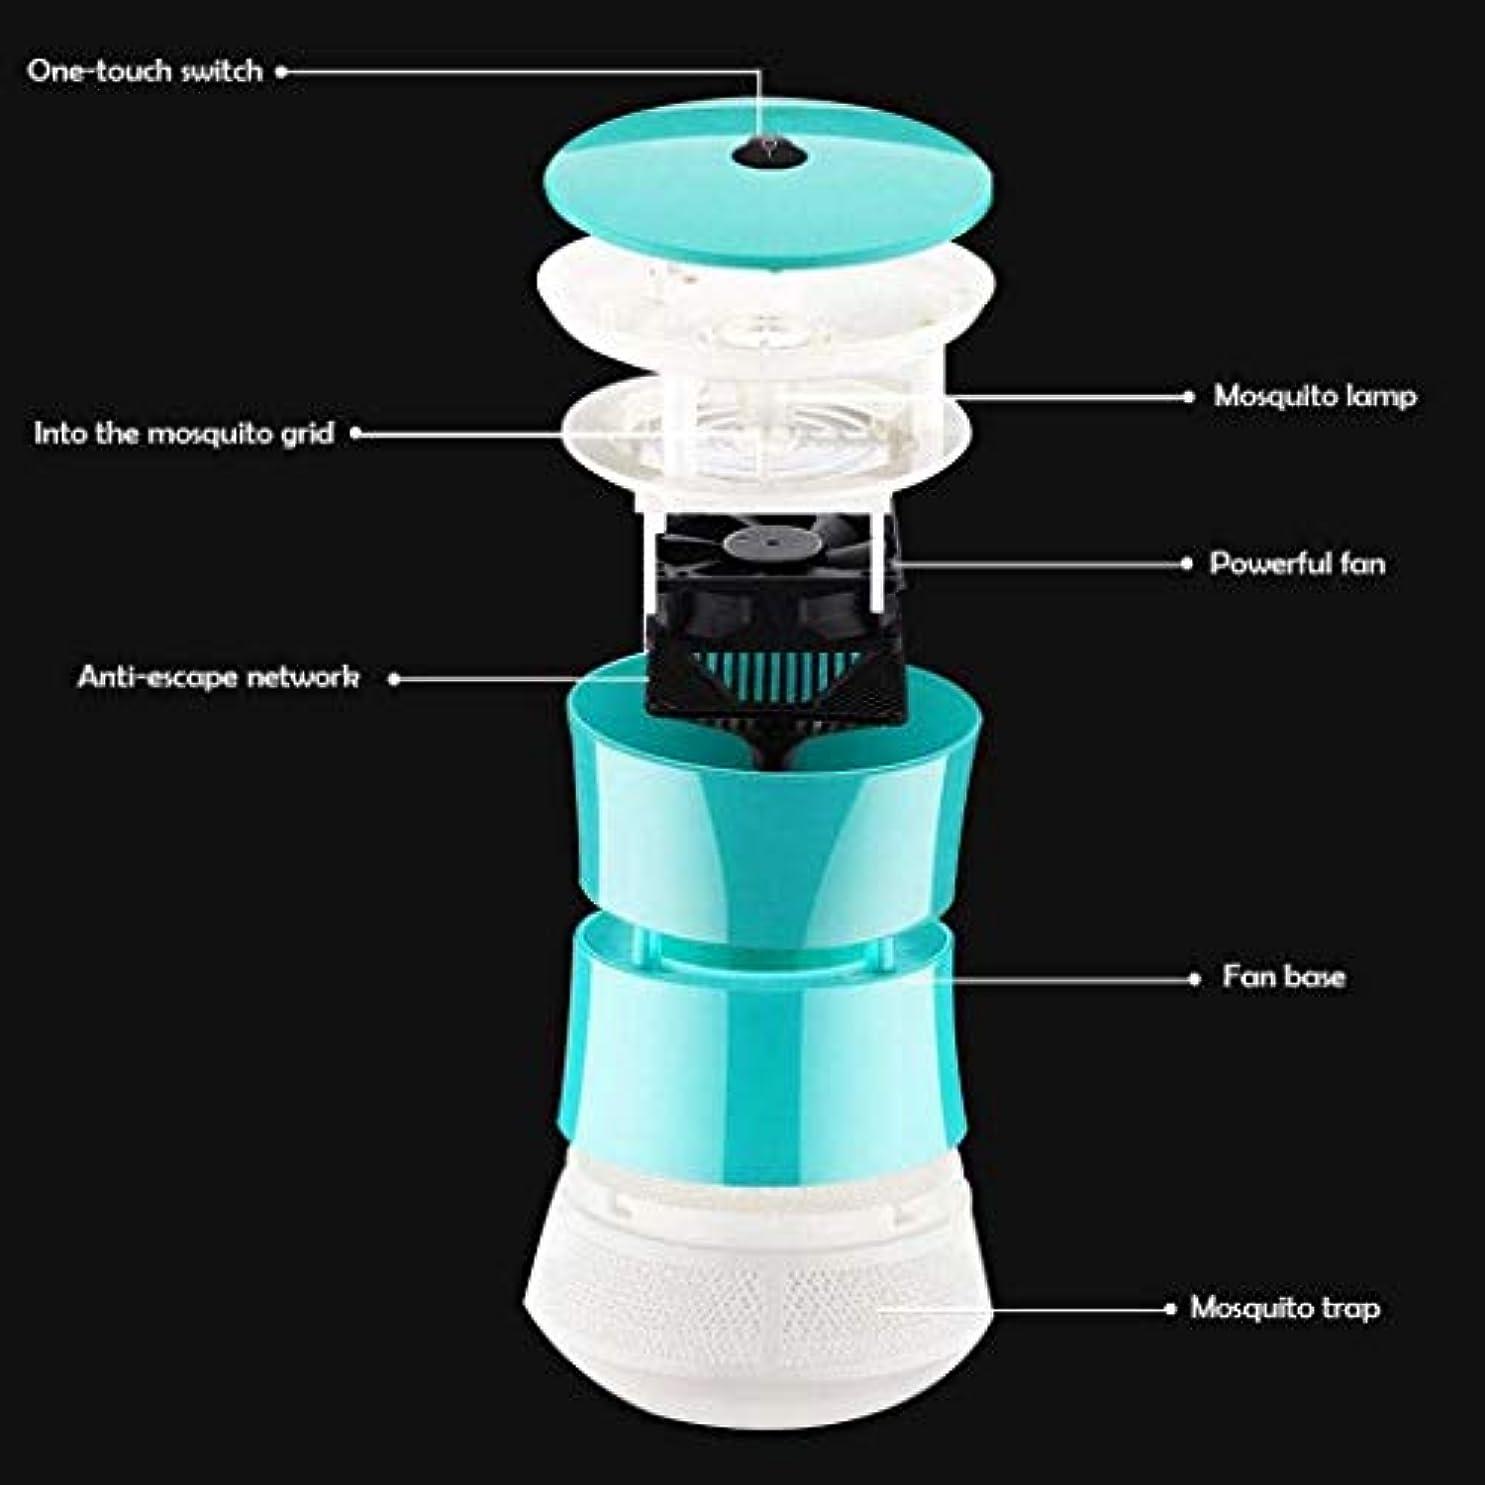 呪い者参照蚊キラー、光触媒ホーム電子蚊忌避剤、吸引モスキートキラー,Blue